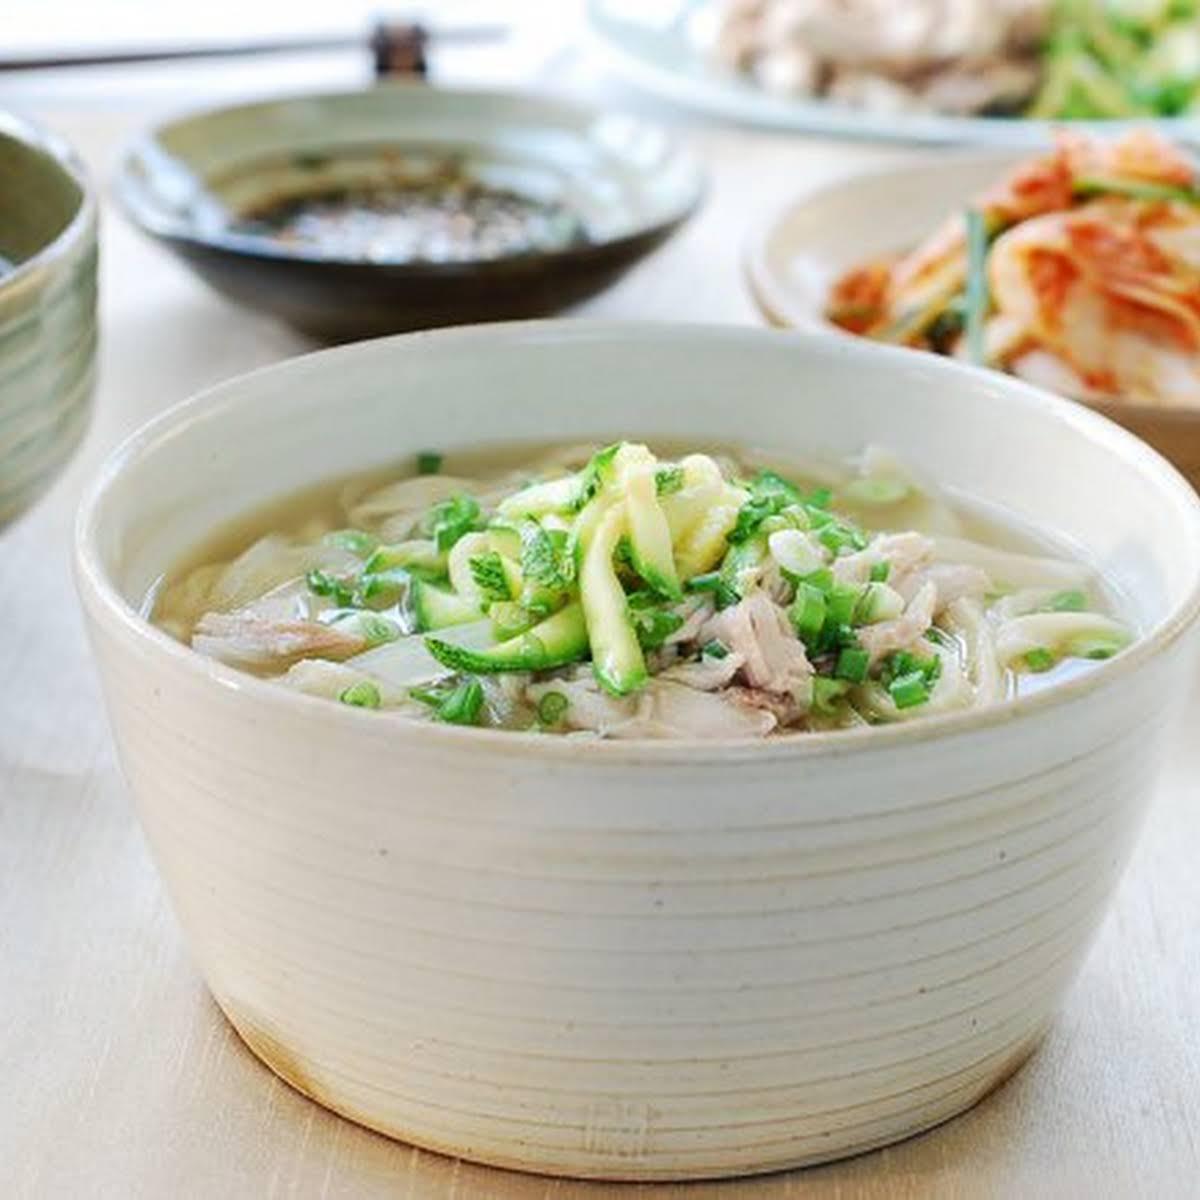 Dak Kalguksu (Korean Chicken Noodle Soup)